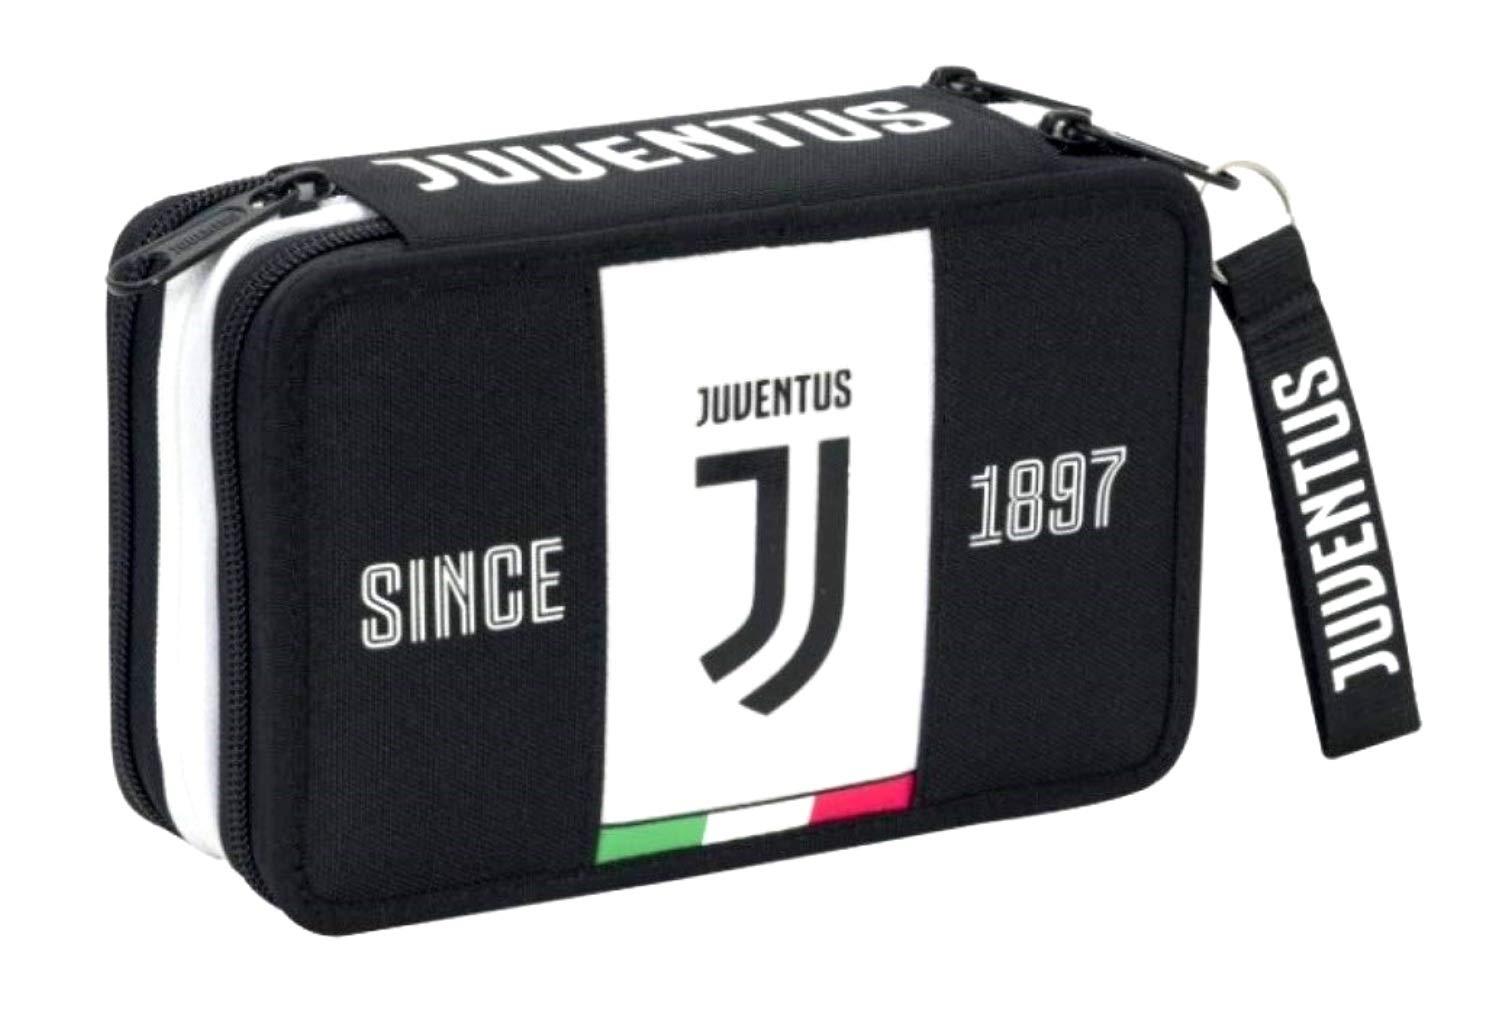 Estuche escolar Juventus Juventus Juve Seven de 3 pisos completo de color blanco + llavero silbato + bolígrafo de color + marcapáginas Juventus